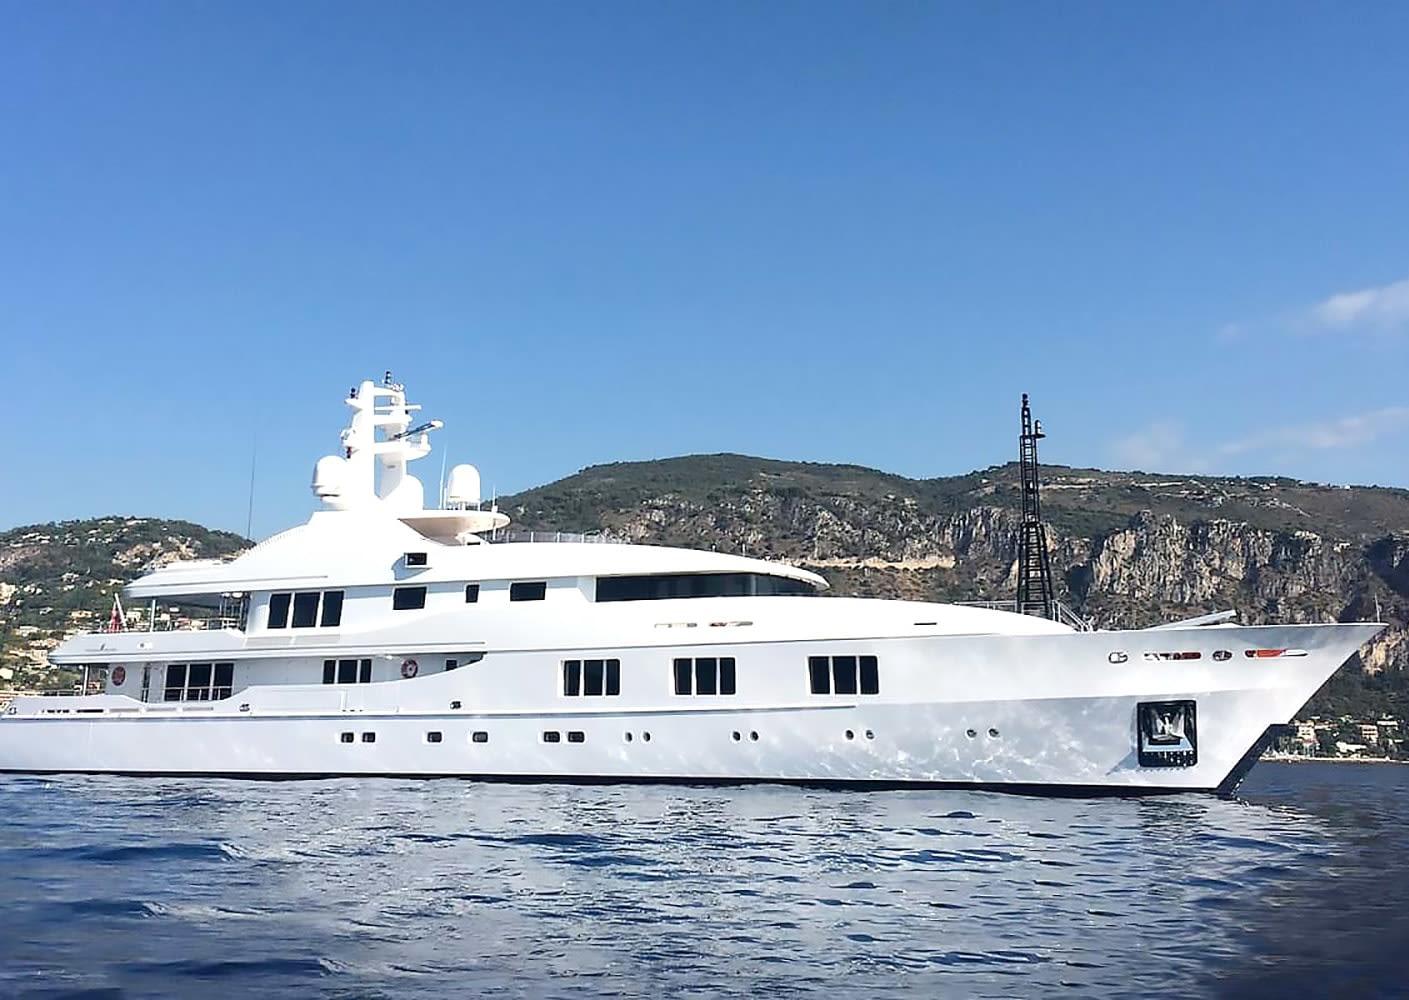 Image of Baraka 58.0M (190.3FT) motor yacht